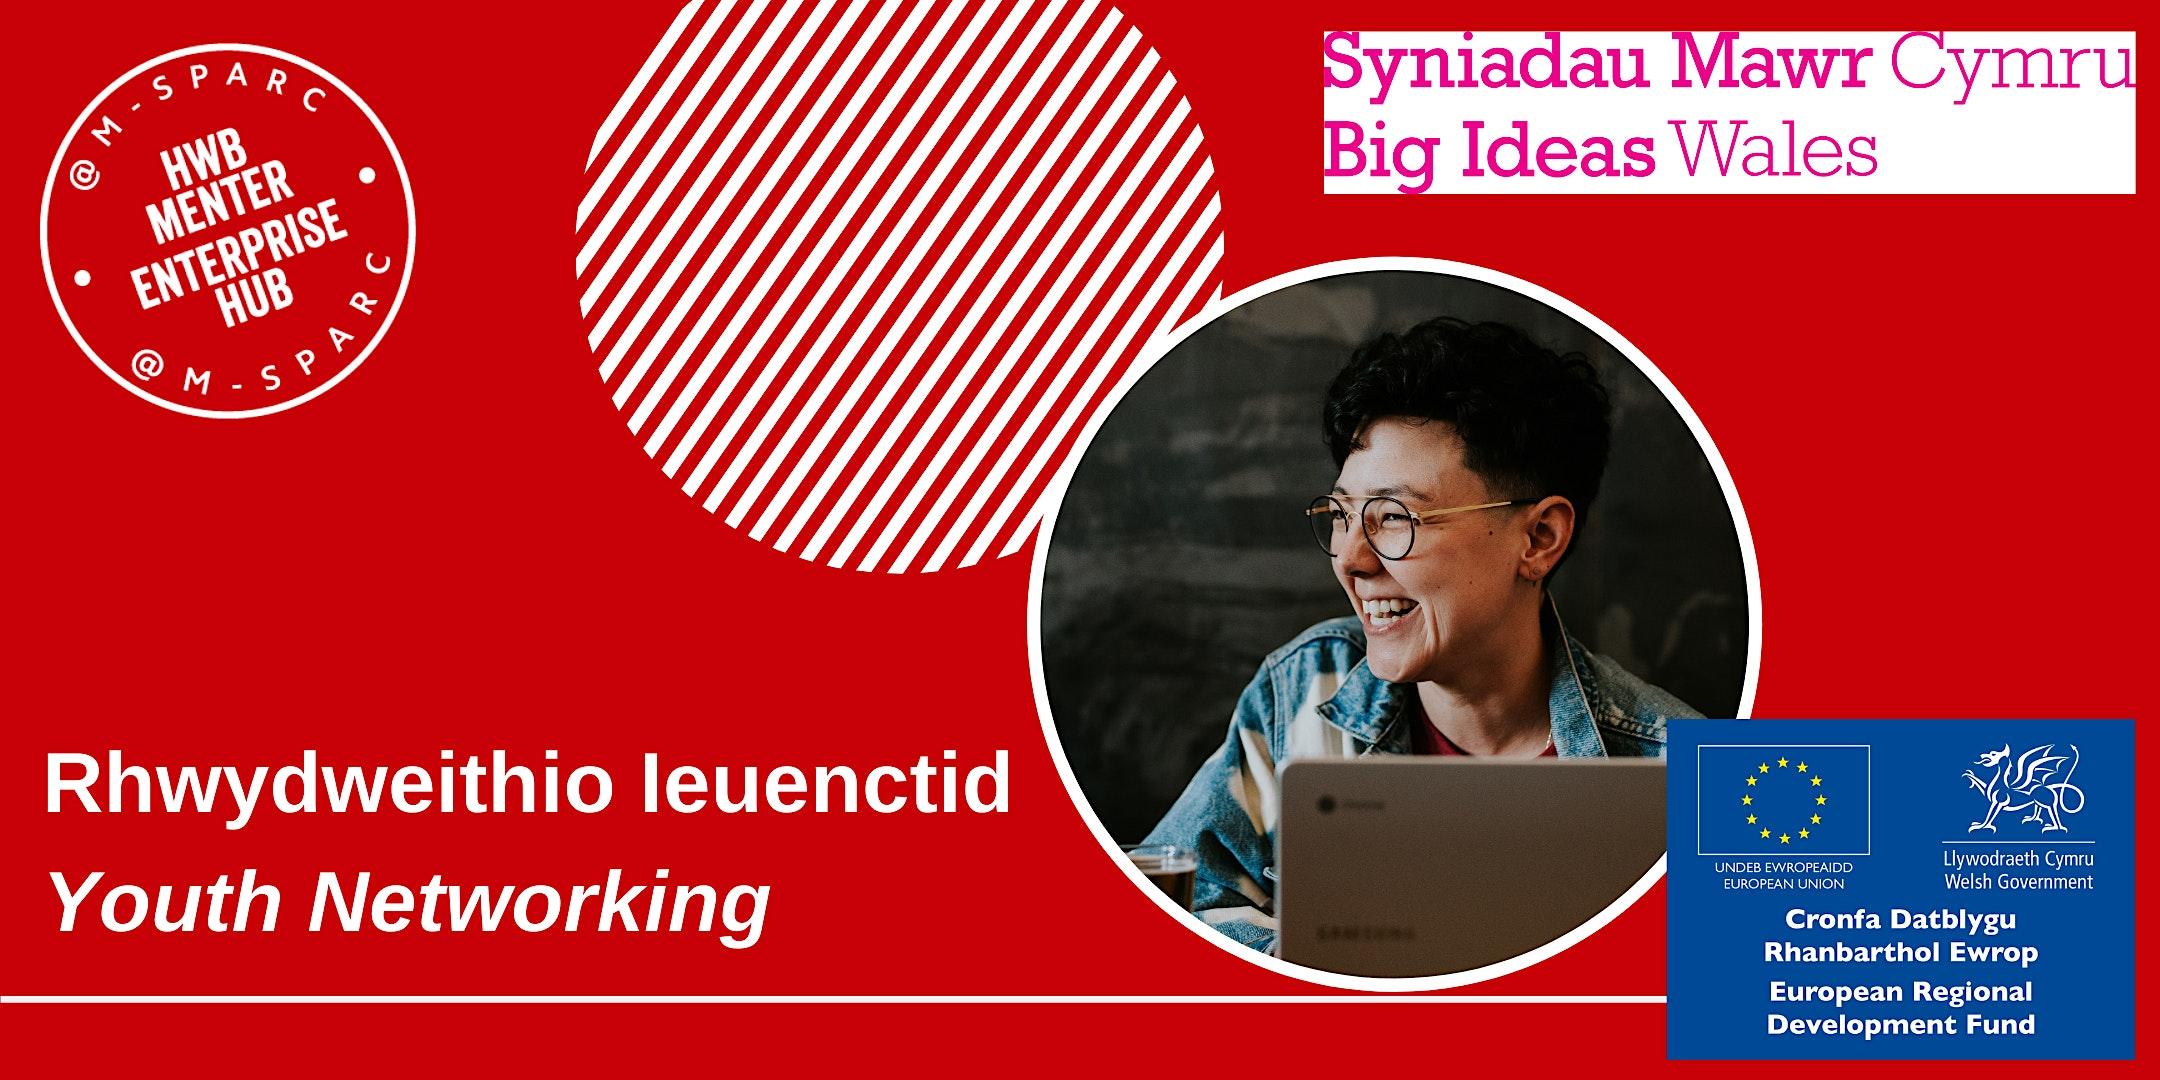 Rhwydweithio Ieuenctid / Youth Networking